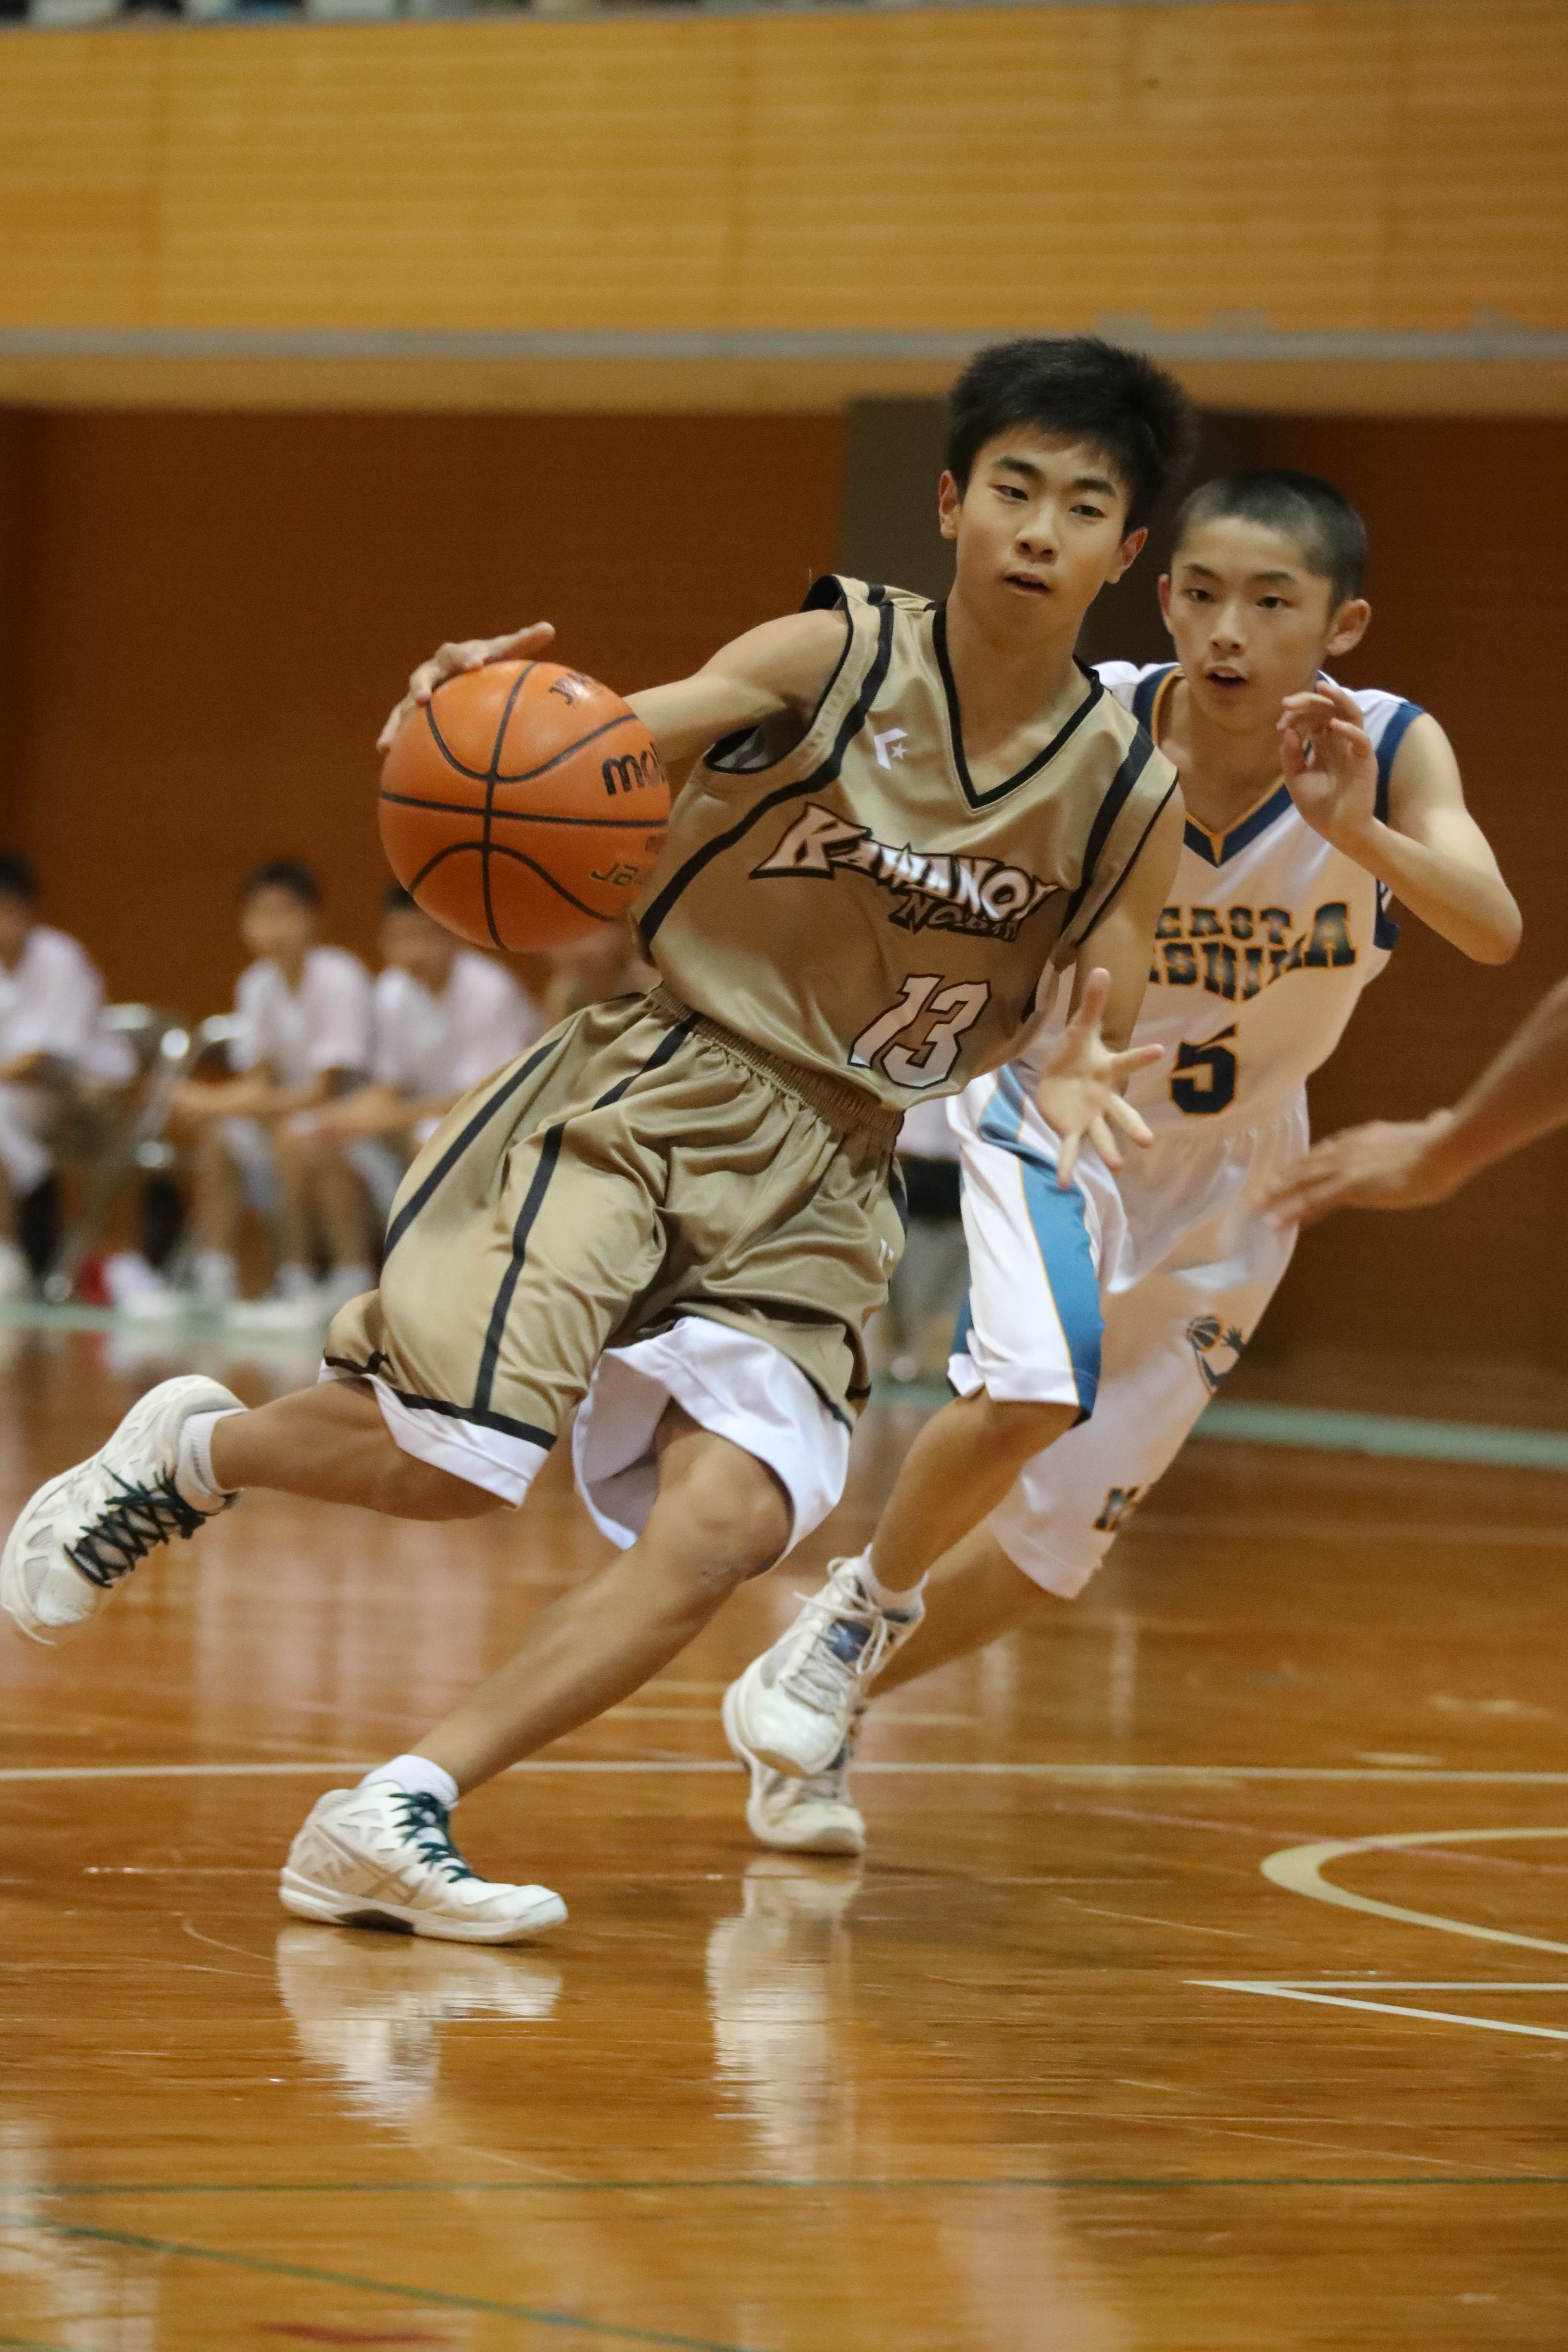 バスケットボール (11)